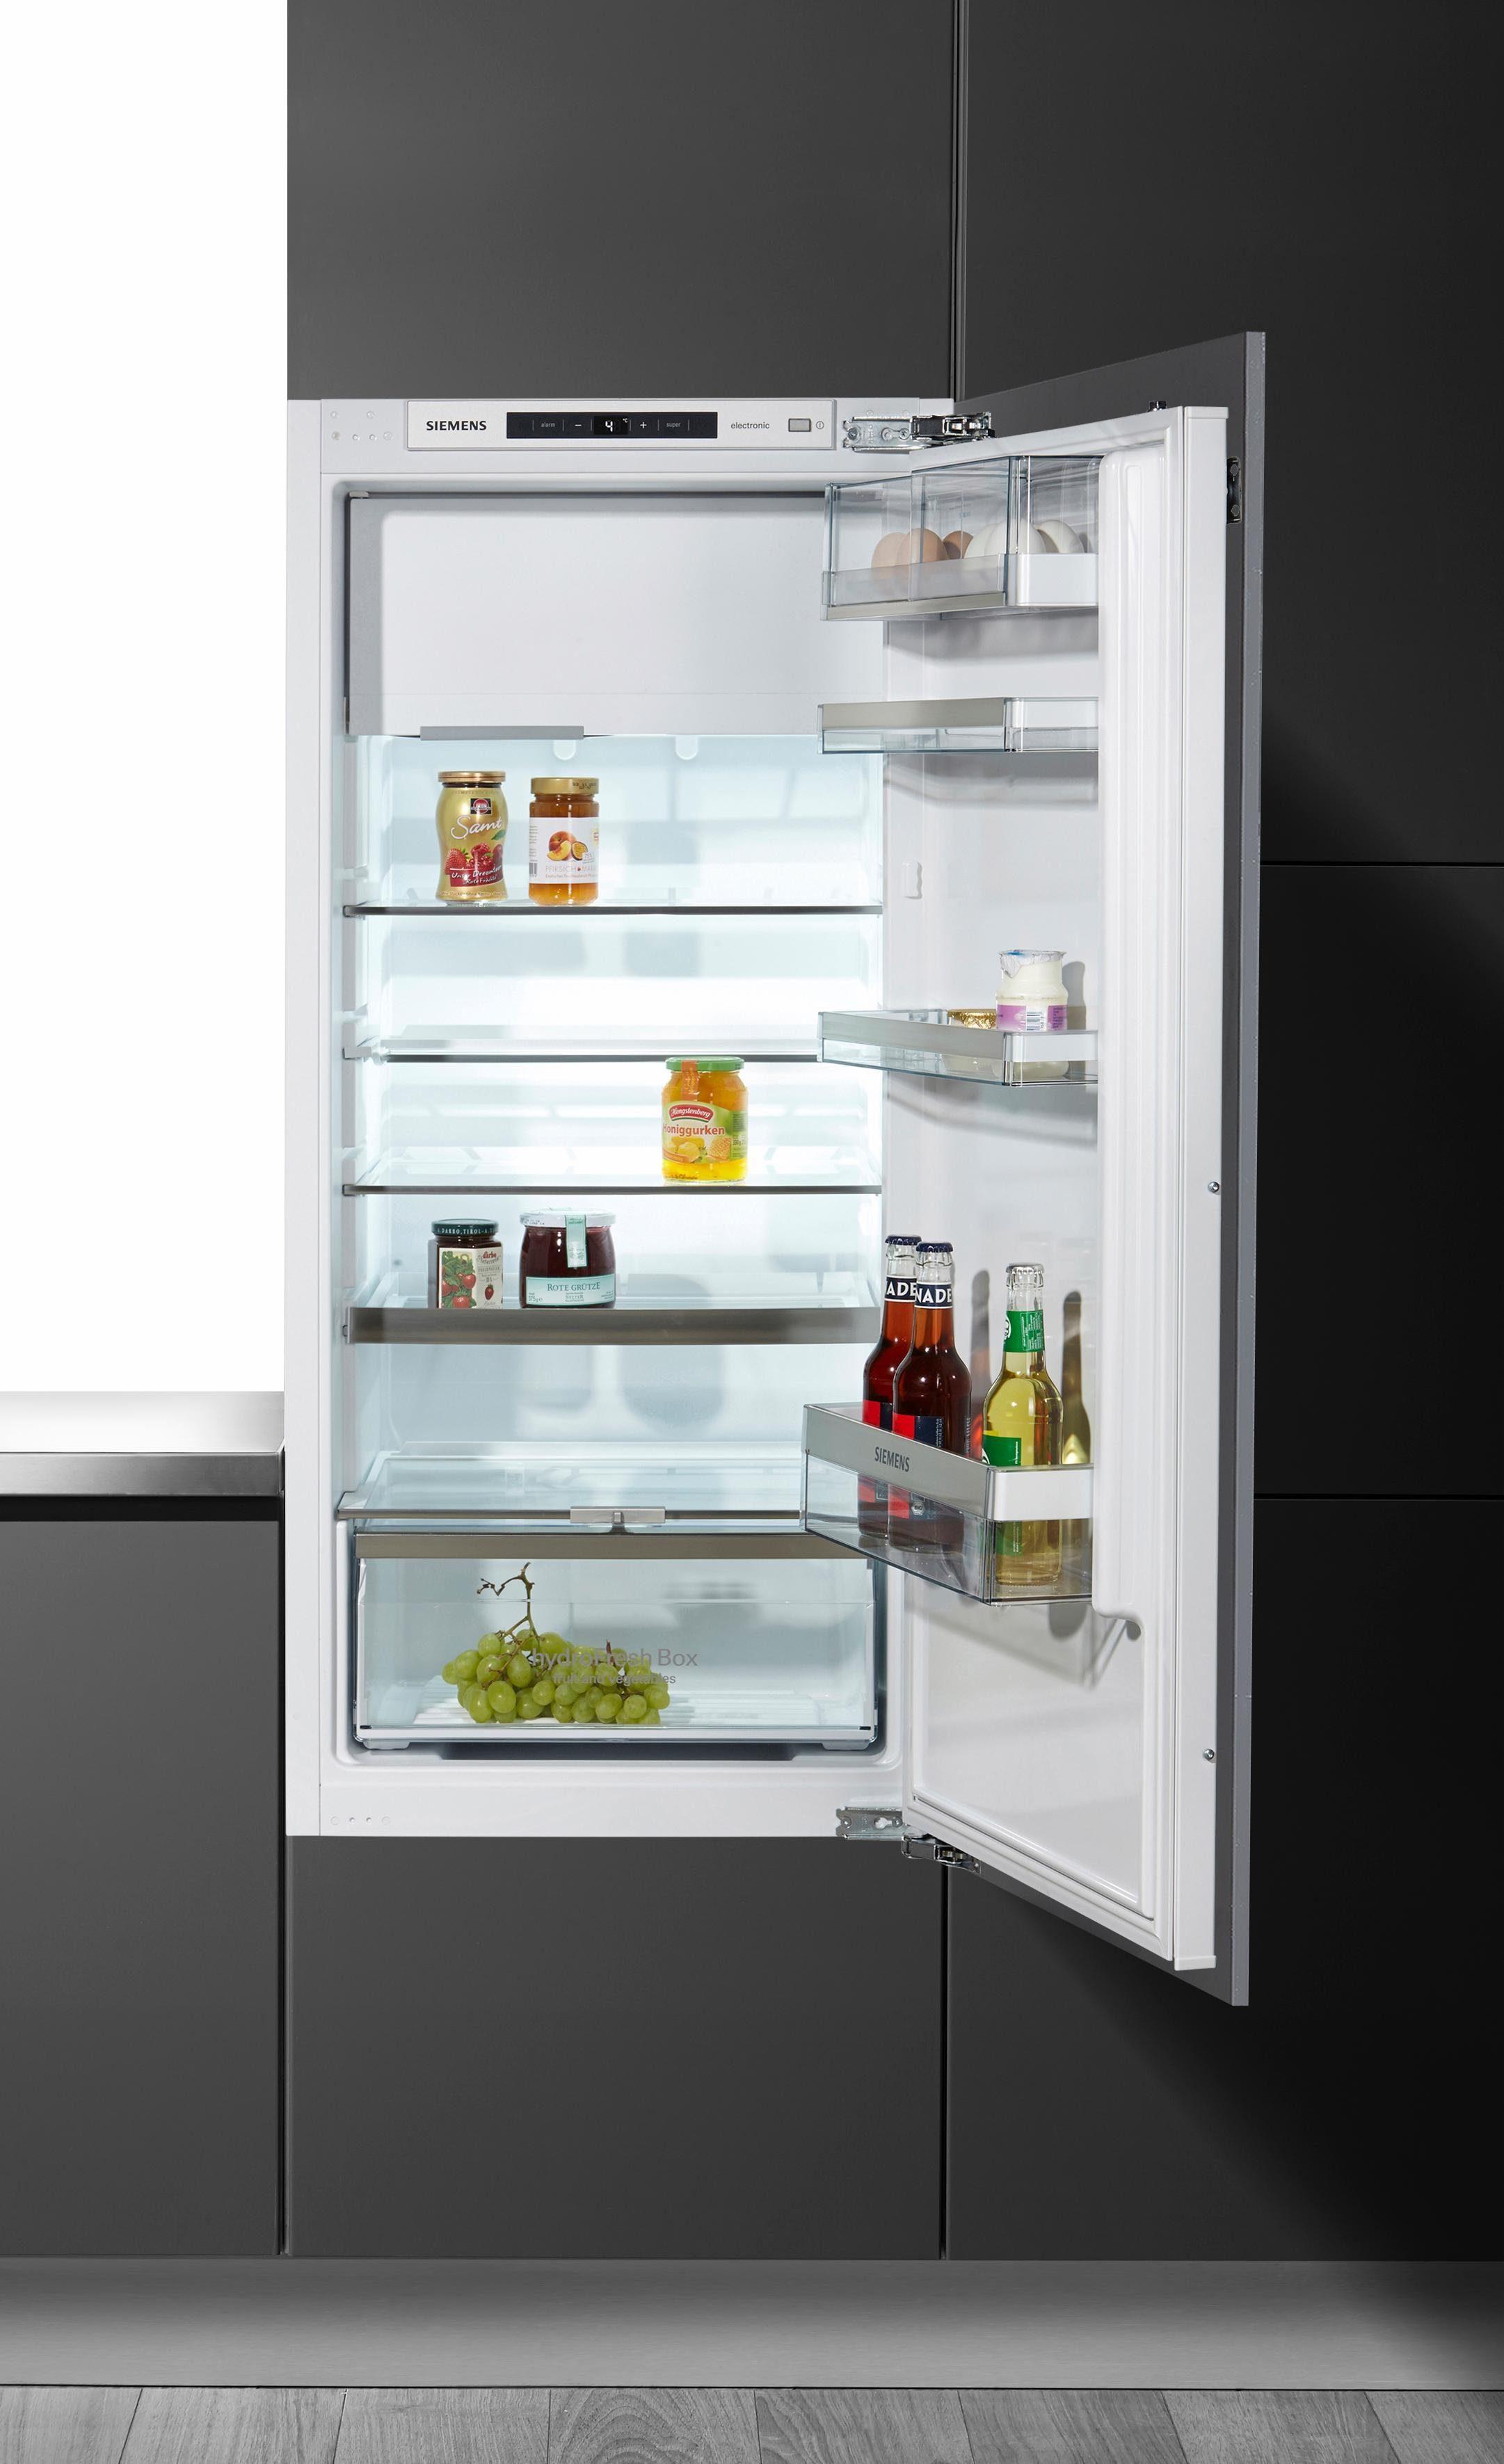 Siemens Integrierbarer Einbau-Kühlschrank KI42LAD40, A+++, 122,1 cm hoch